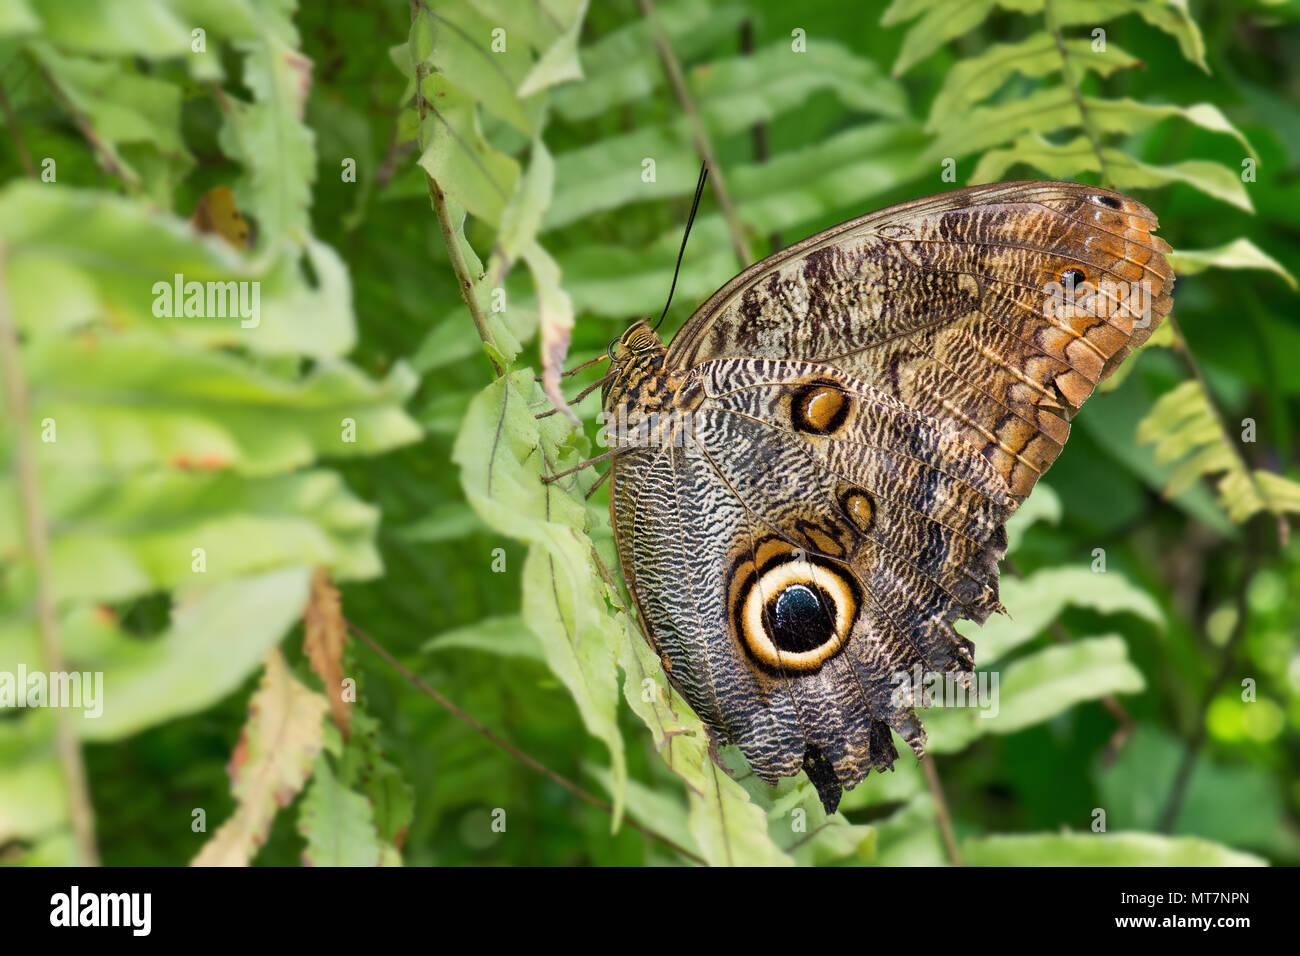 Wald Riesen Eule - Caligo eurilochus, schöne große Schmetterling aus Mittel- und Südamerika Wälder. Stockbild